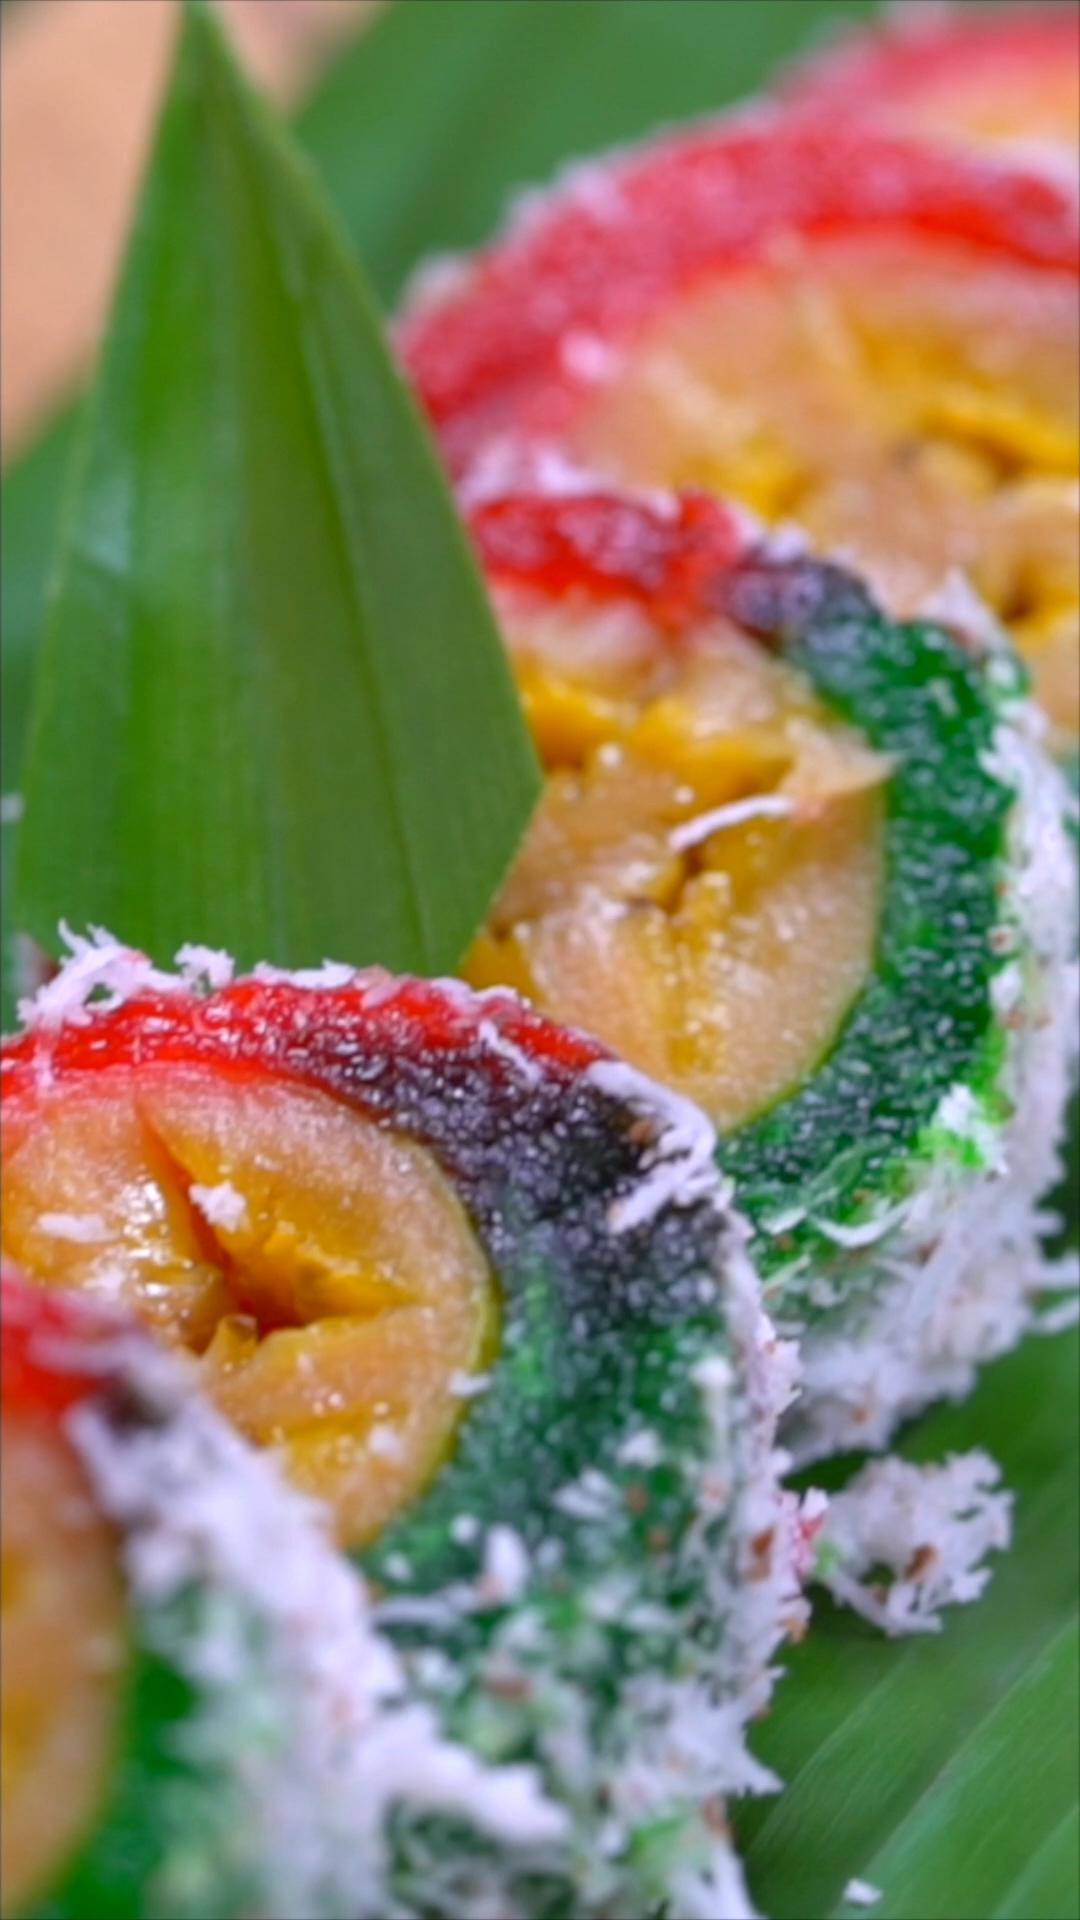 Kue Kacamata Resep di 2019 foods Kue, Resep makanan